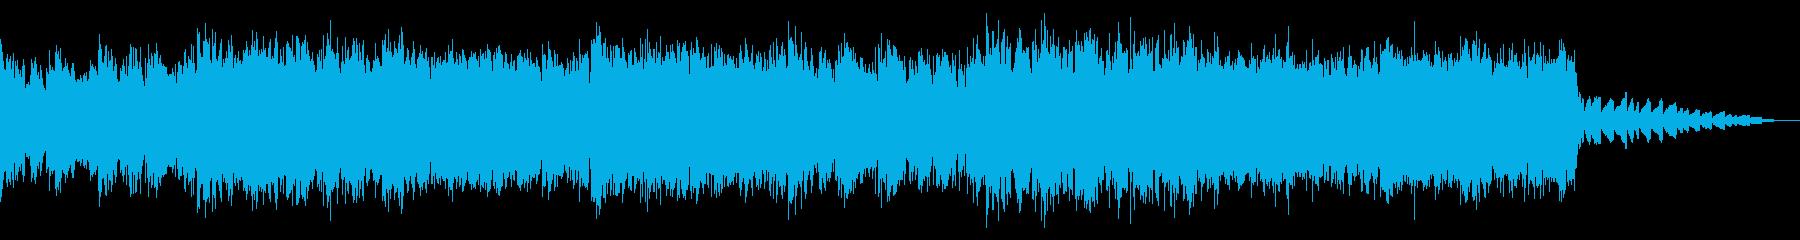 ディープなエレクトロニカ・ハウスの再生済みの波形